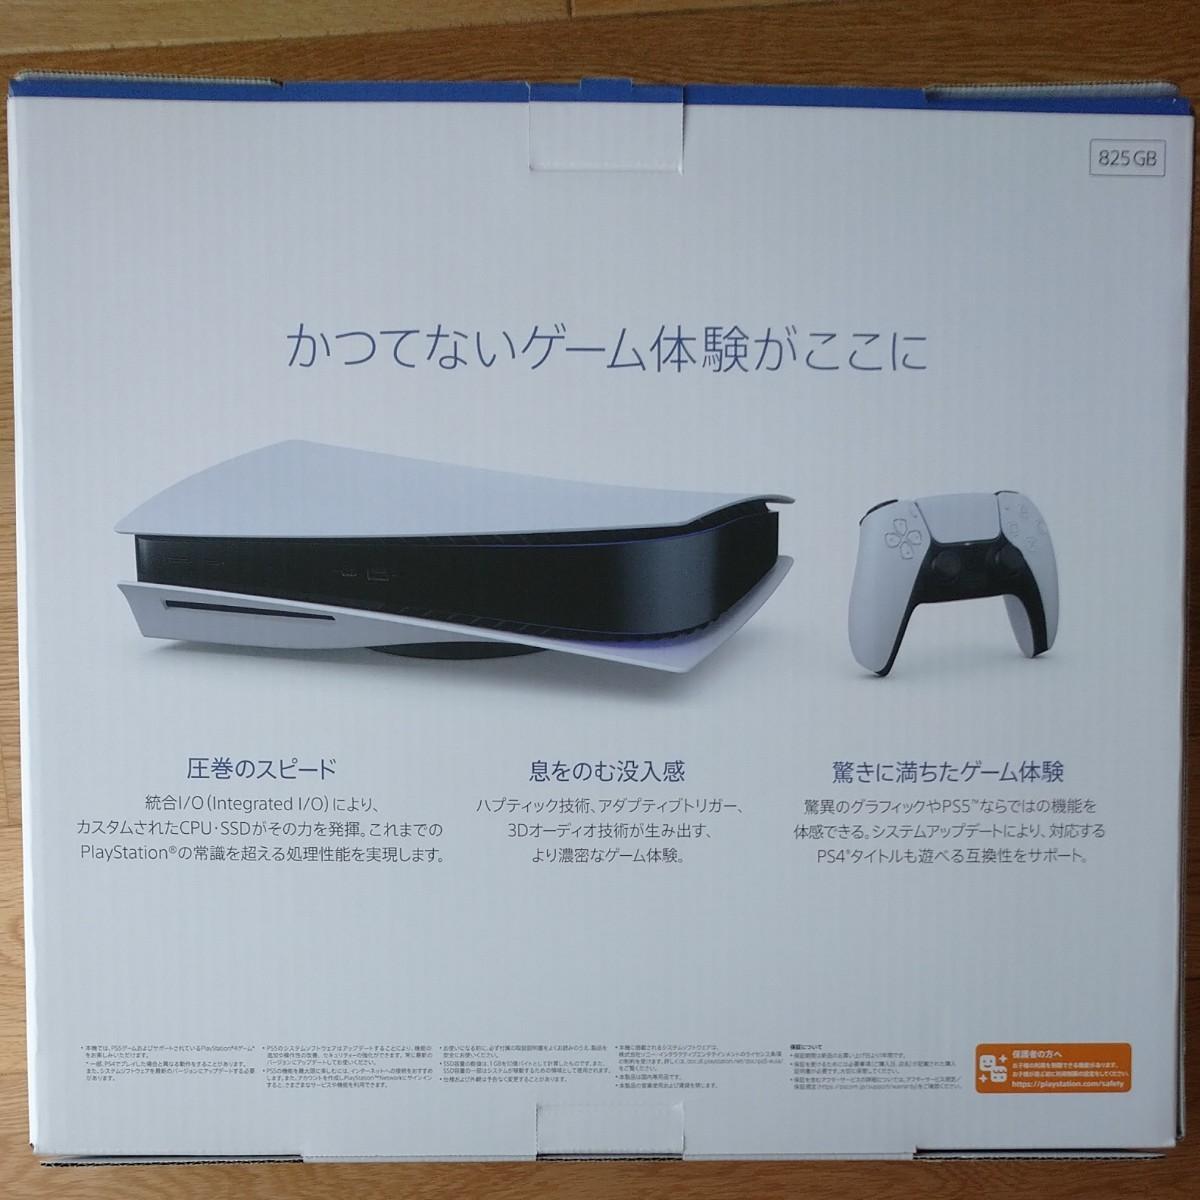 本日限定価格【新品・未開封・日本製】playstation5 本体 プレイステーション5